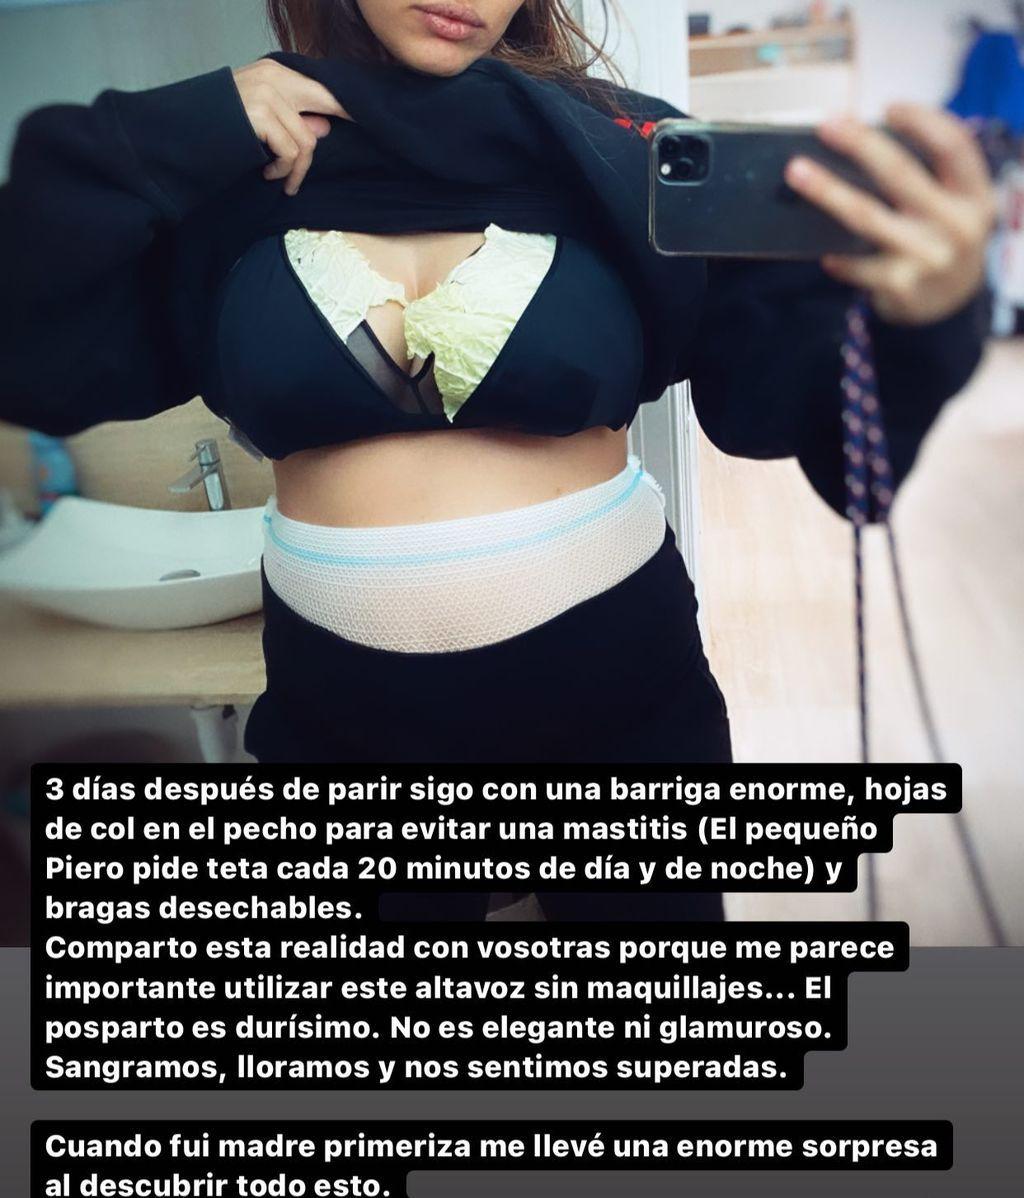 """El """"posparto real"""" de Sara Sálamo"""